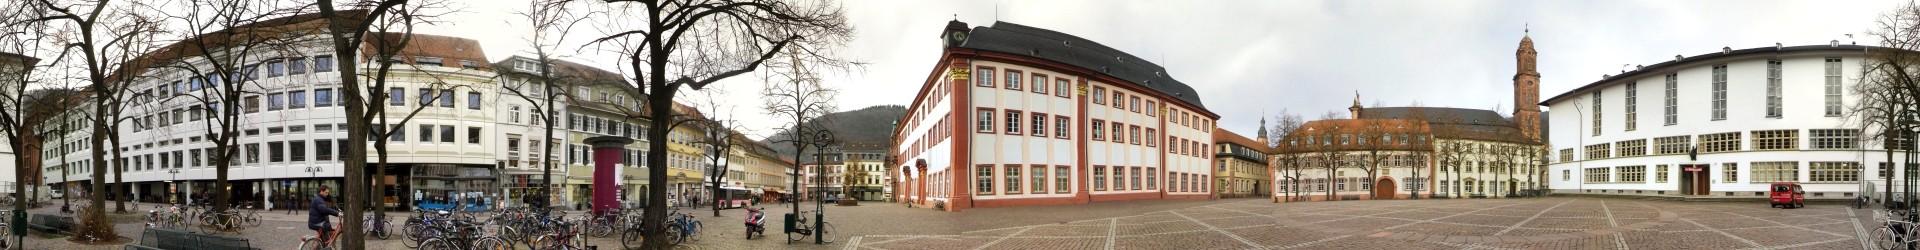 Verbindung Karlsruhensia